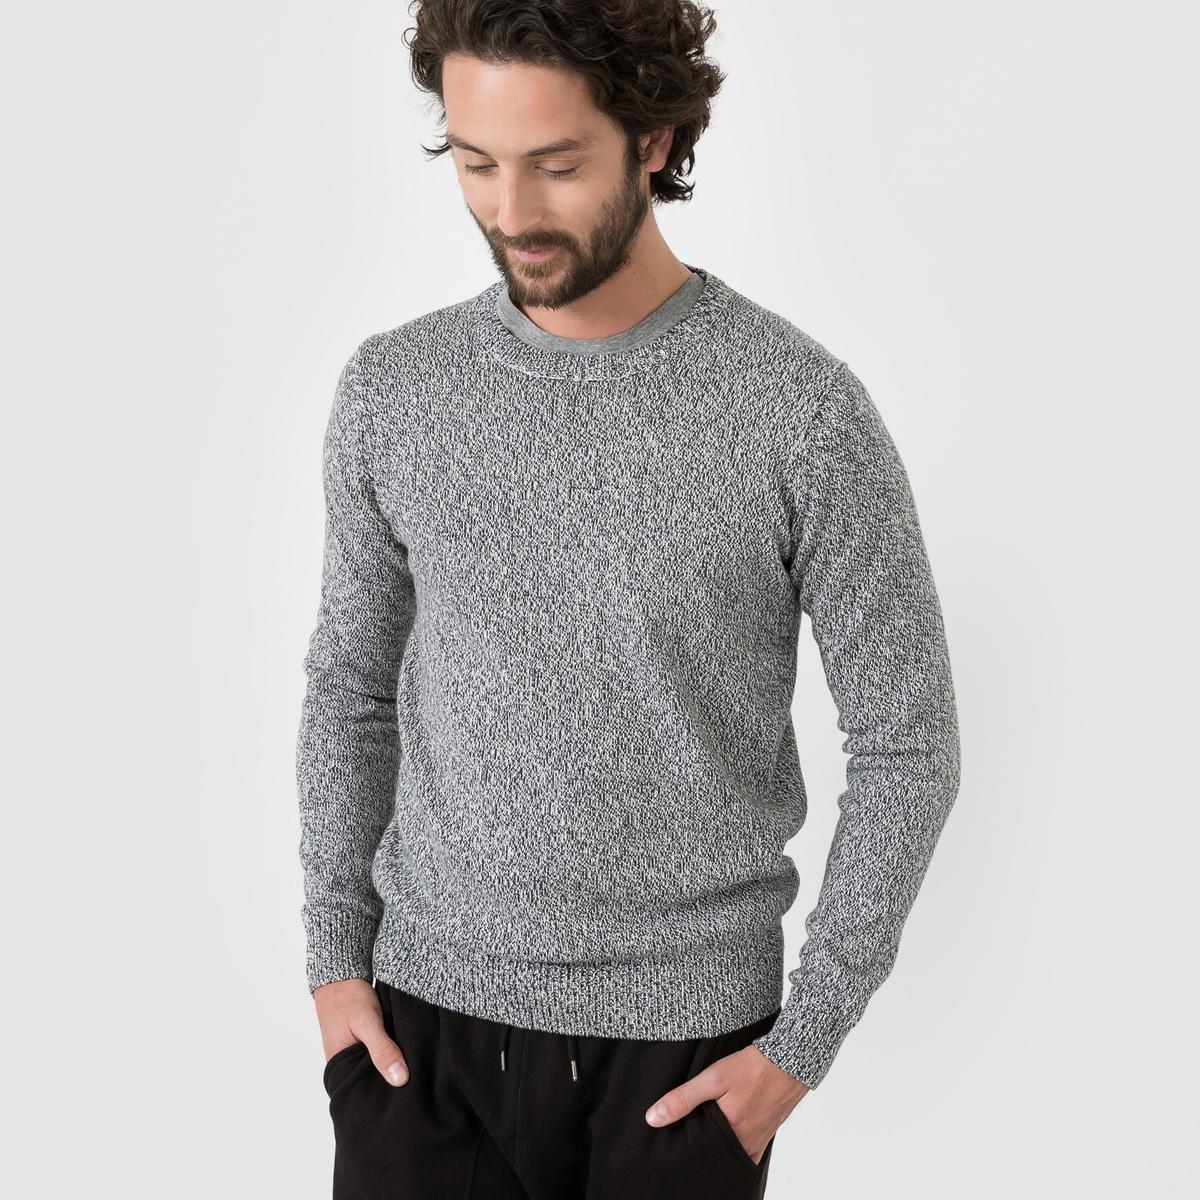 Пуловер из трикотажа мулинеСостав и описание:Материал: 100% хлопка.Марка: R edition<br><br>Цвет: бордовый/экрю,серый меланж<br>Размер: 3XL.L